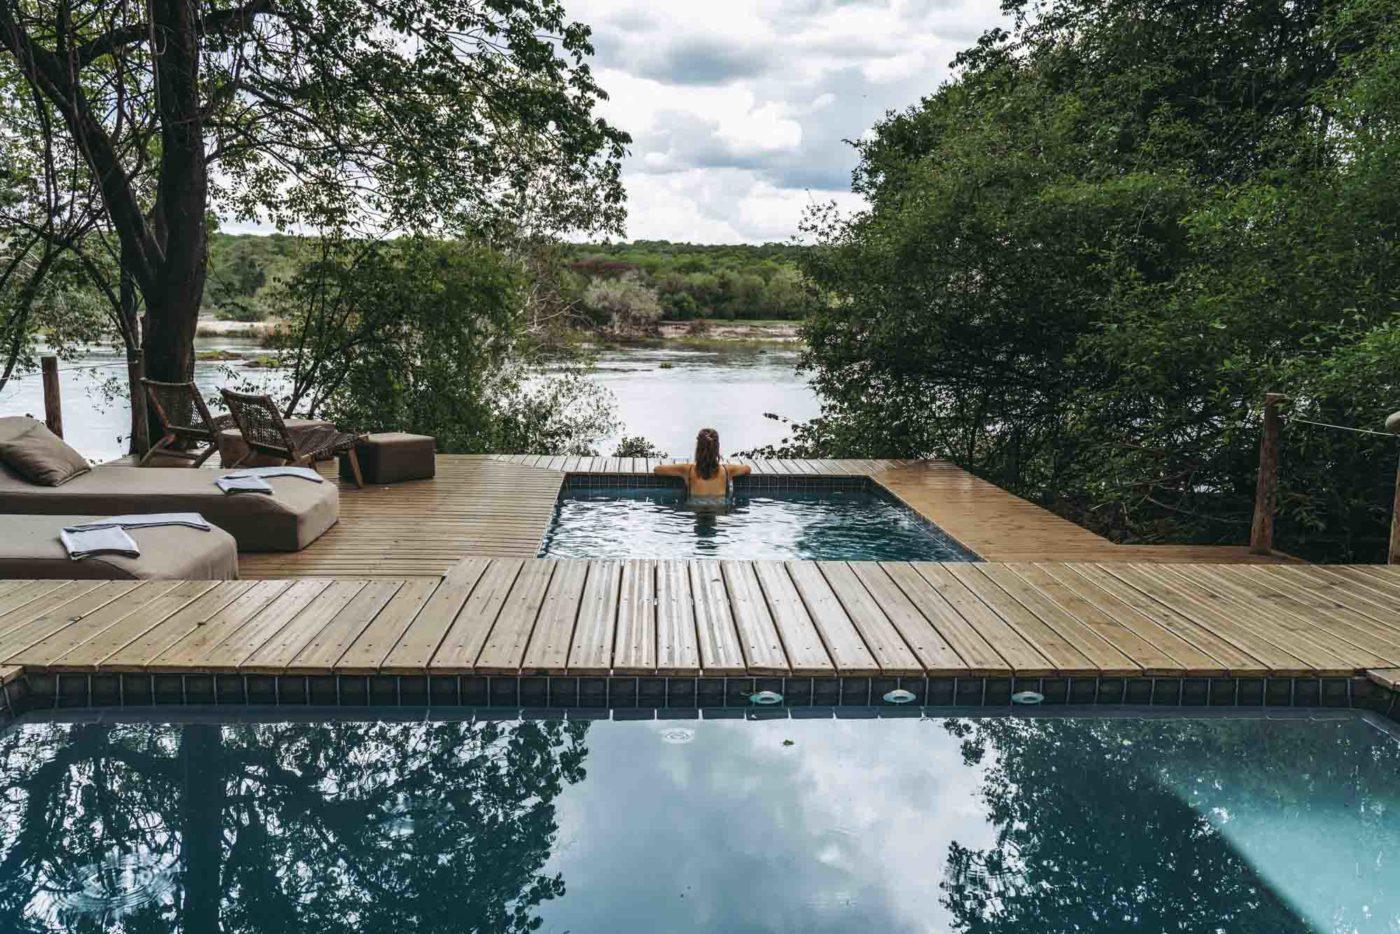 Pool overlooking Zambezi River at the Tsowa Safari Island